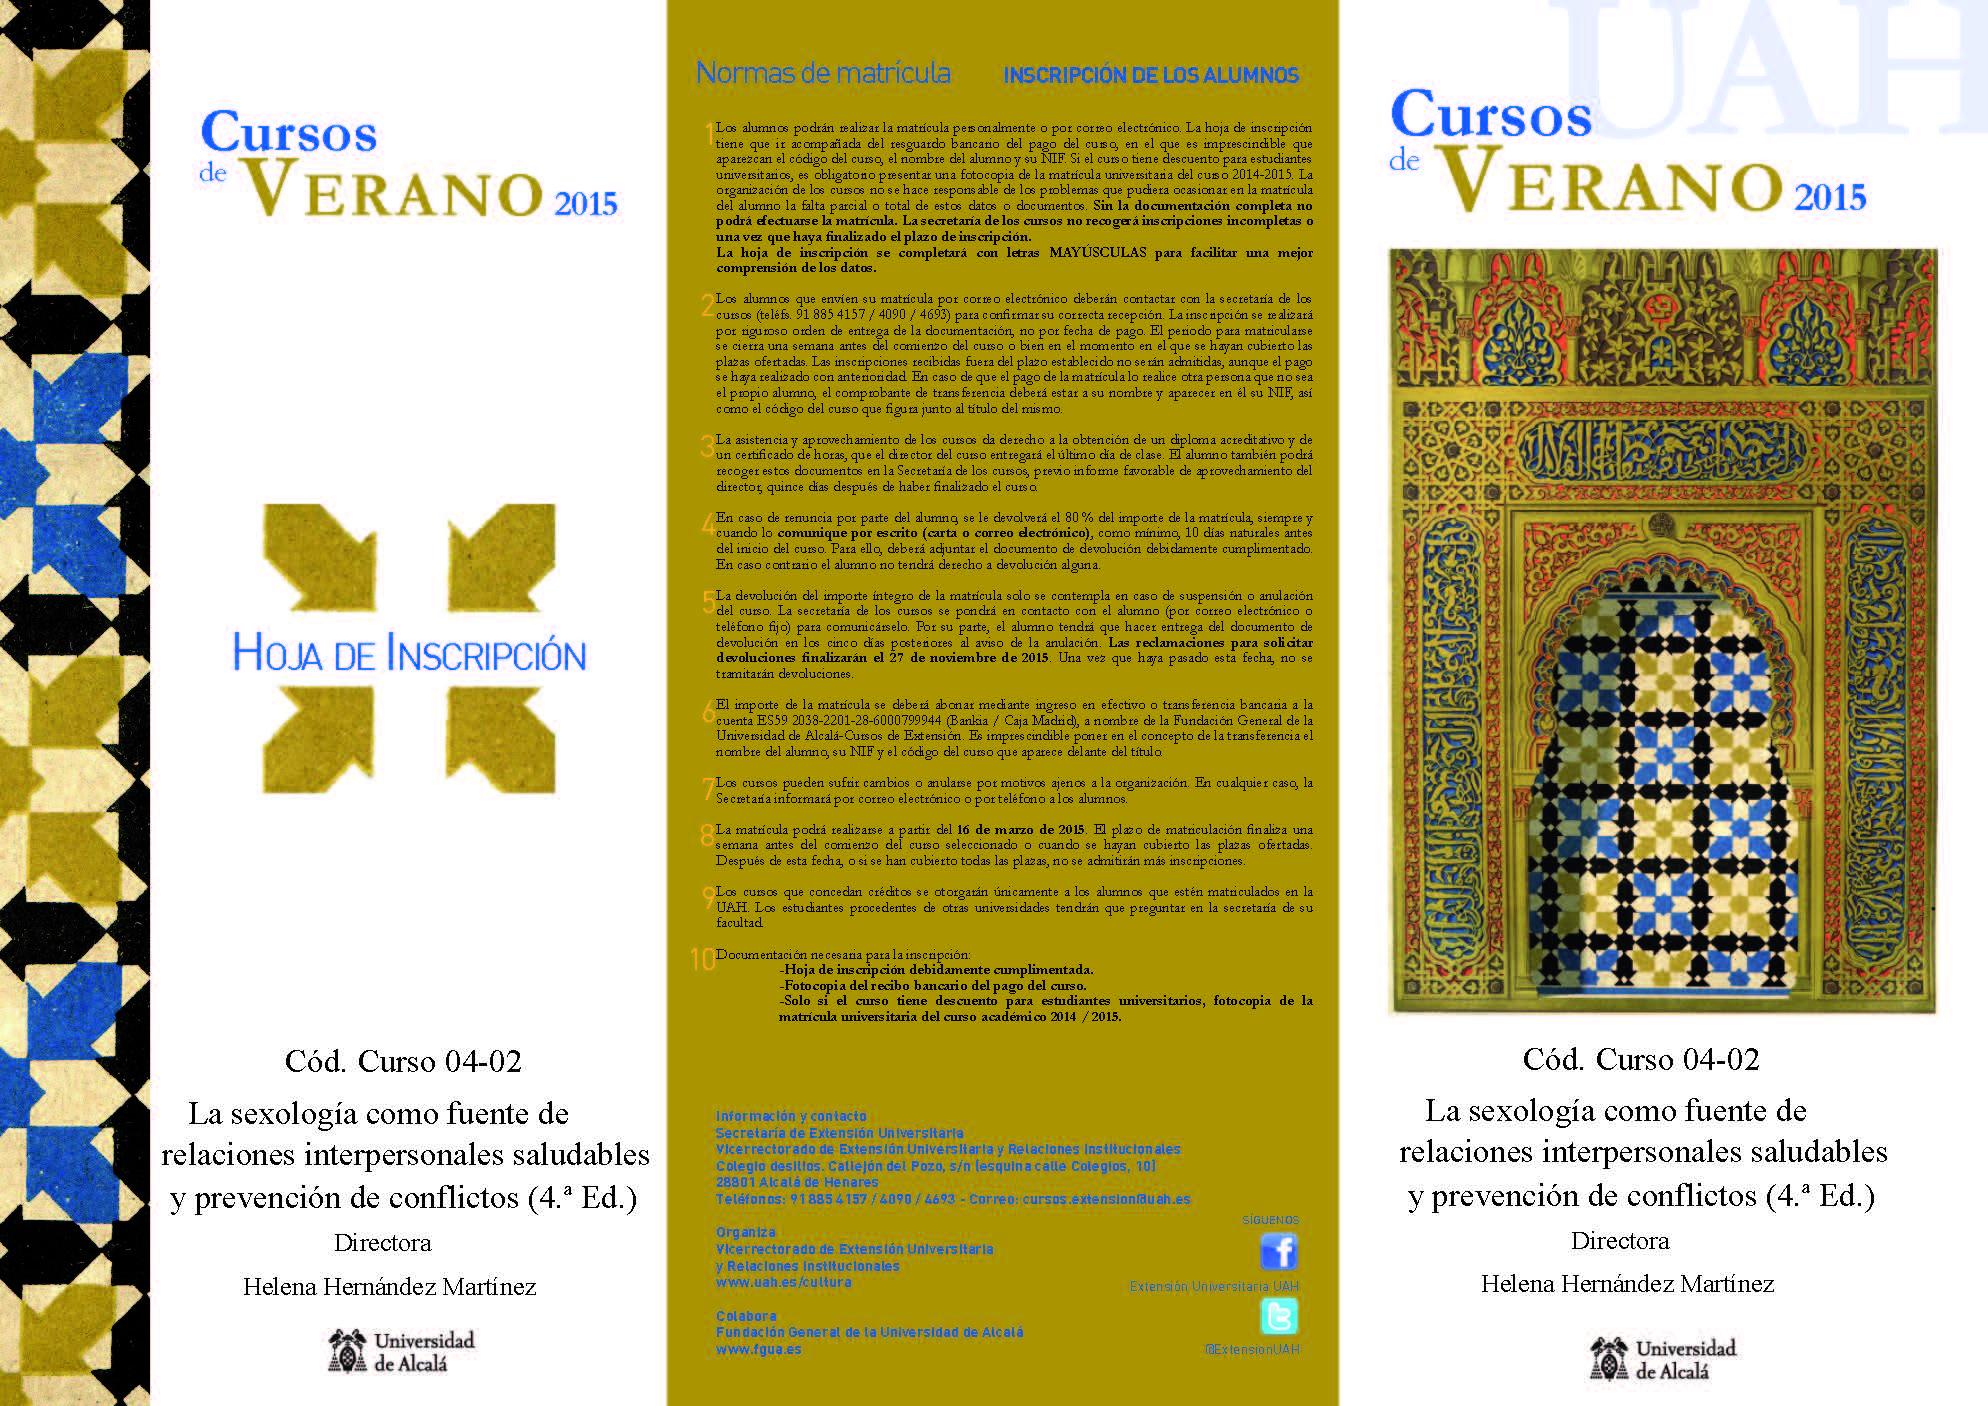 04-02 la sexologa como fuente de relaciones interpersonales saludables y prevencin de conflictos 4. ed_Página_1